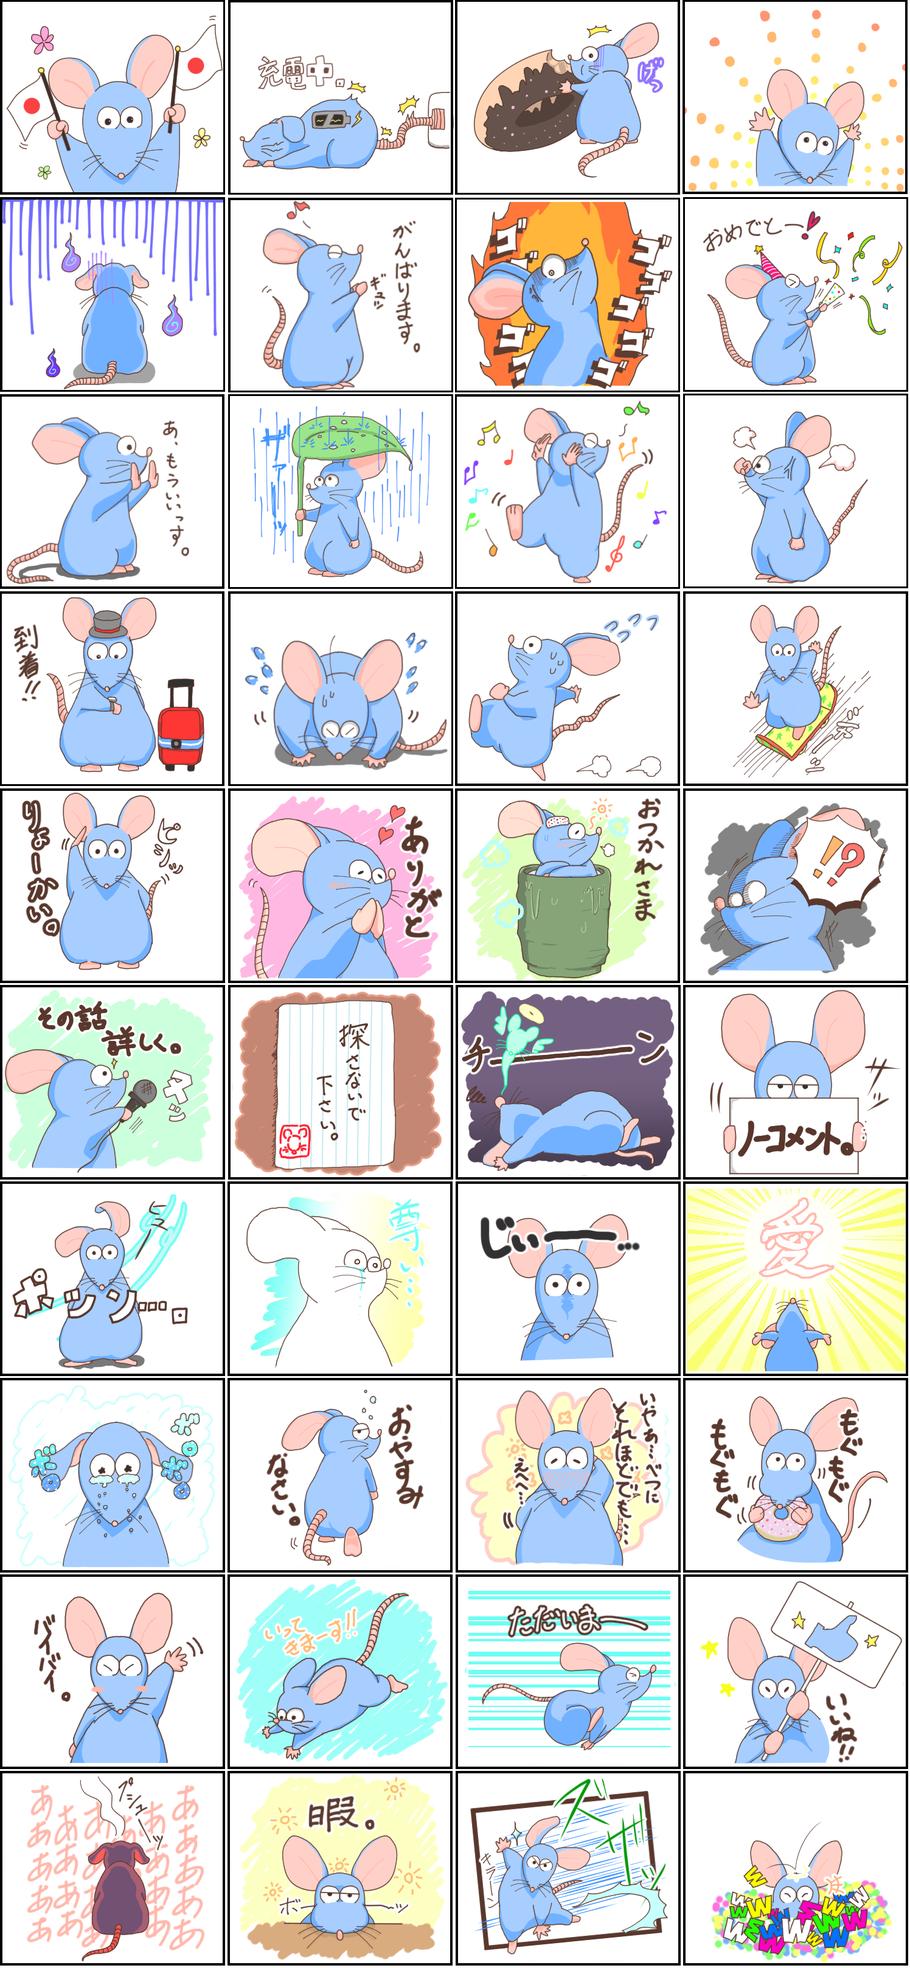 ねずみ、根純さん、ネズミ、ねずみスタンプ、ネズミスタンプ、LINE、スタンプ、キャラクター、ねずみスタンプ画像一覧